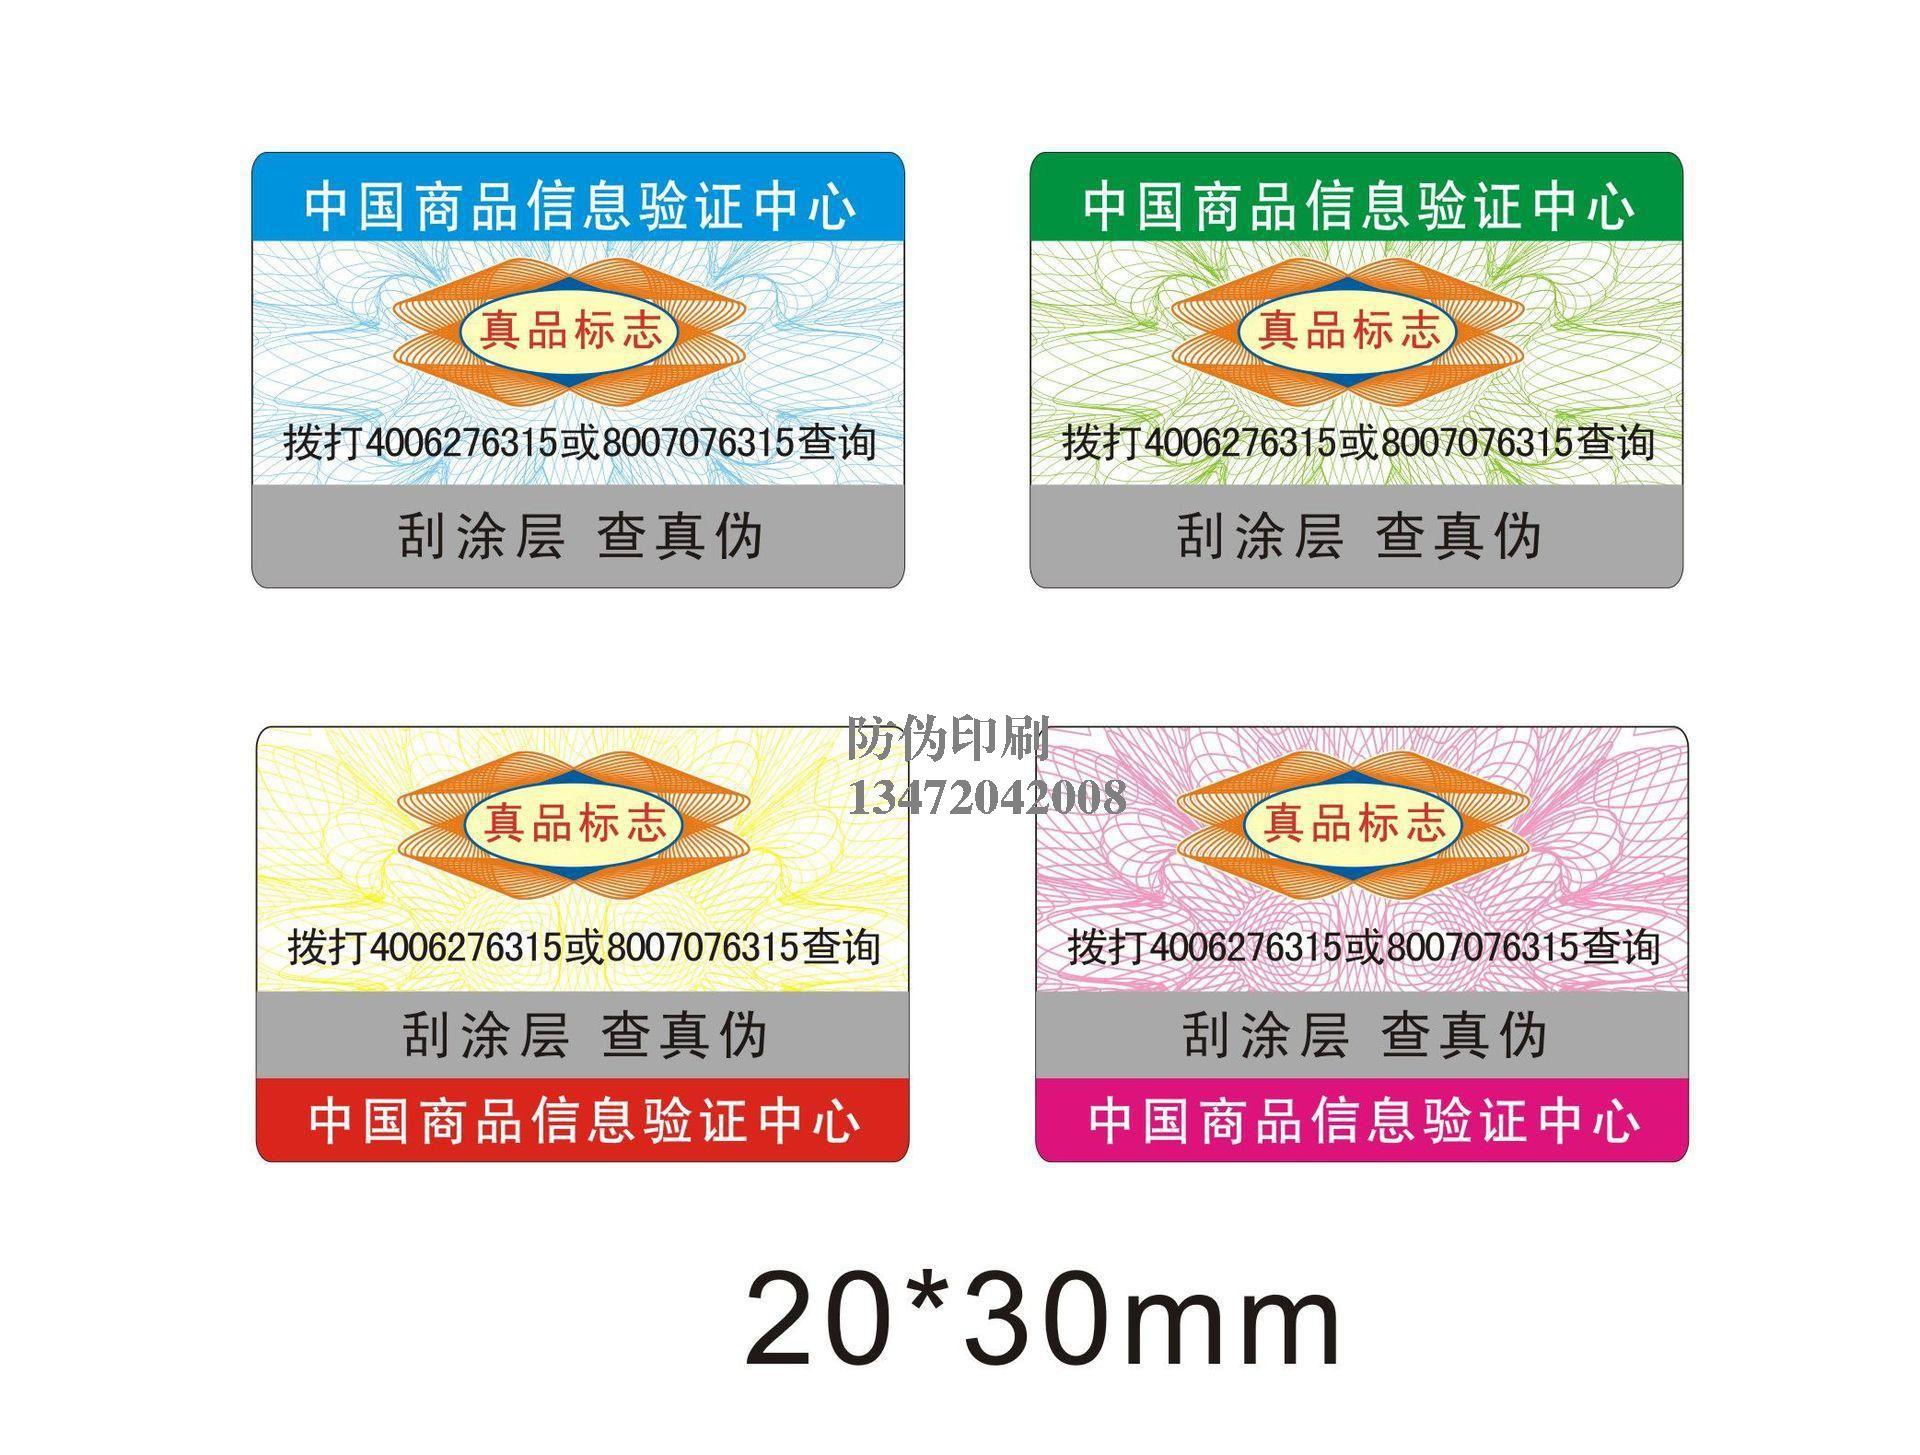 北京奔驰车辆出厂合格证合作8年,减少人力,